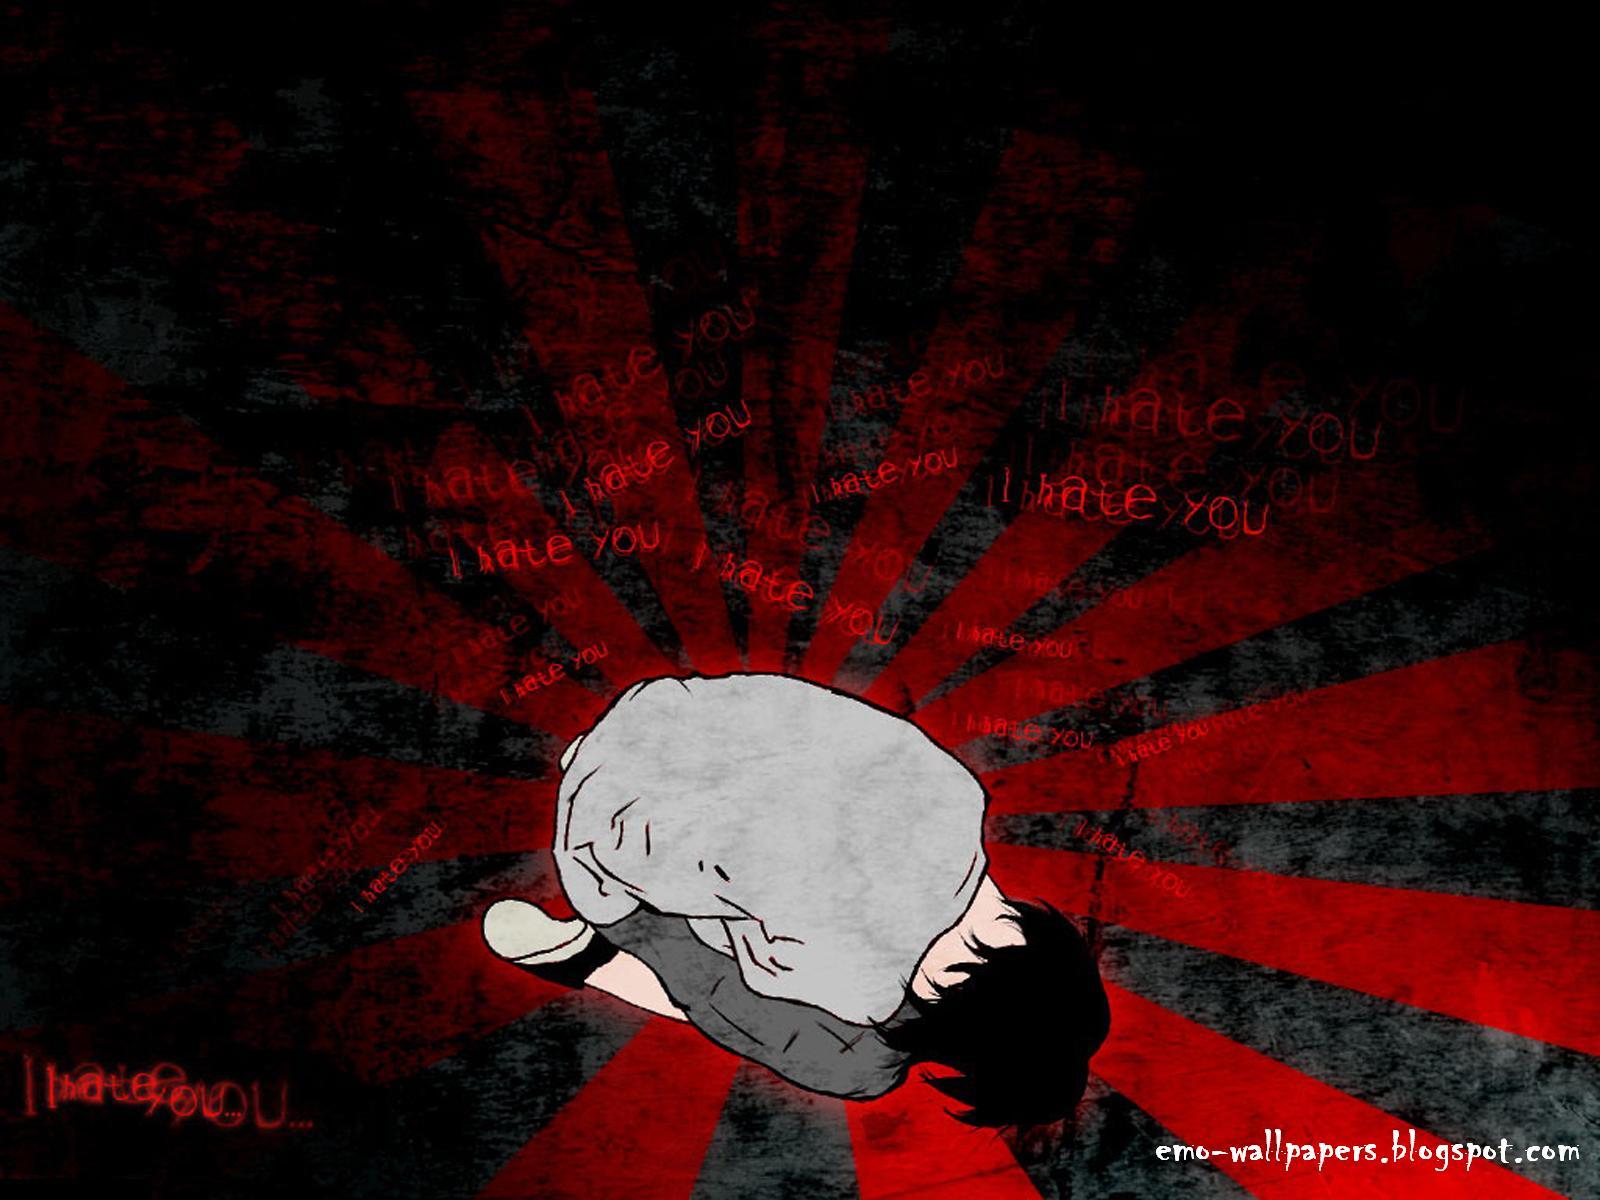 http://4.bp.blogspot.com/-PXxuJuN41kQ/UMLV4q0vYCI/AAAAAAAAARI/OmaFJdtSpXw/s1600/sad_emo_boy_wallpaper.jpg